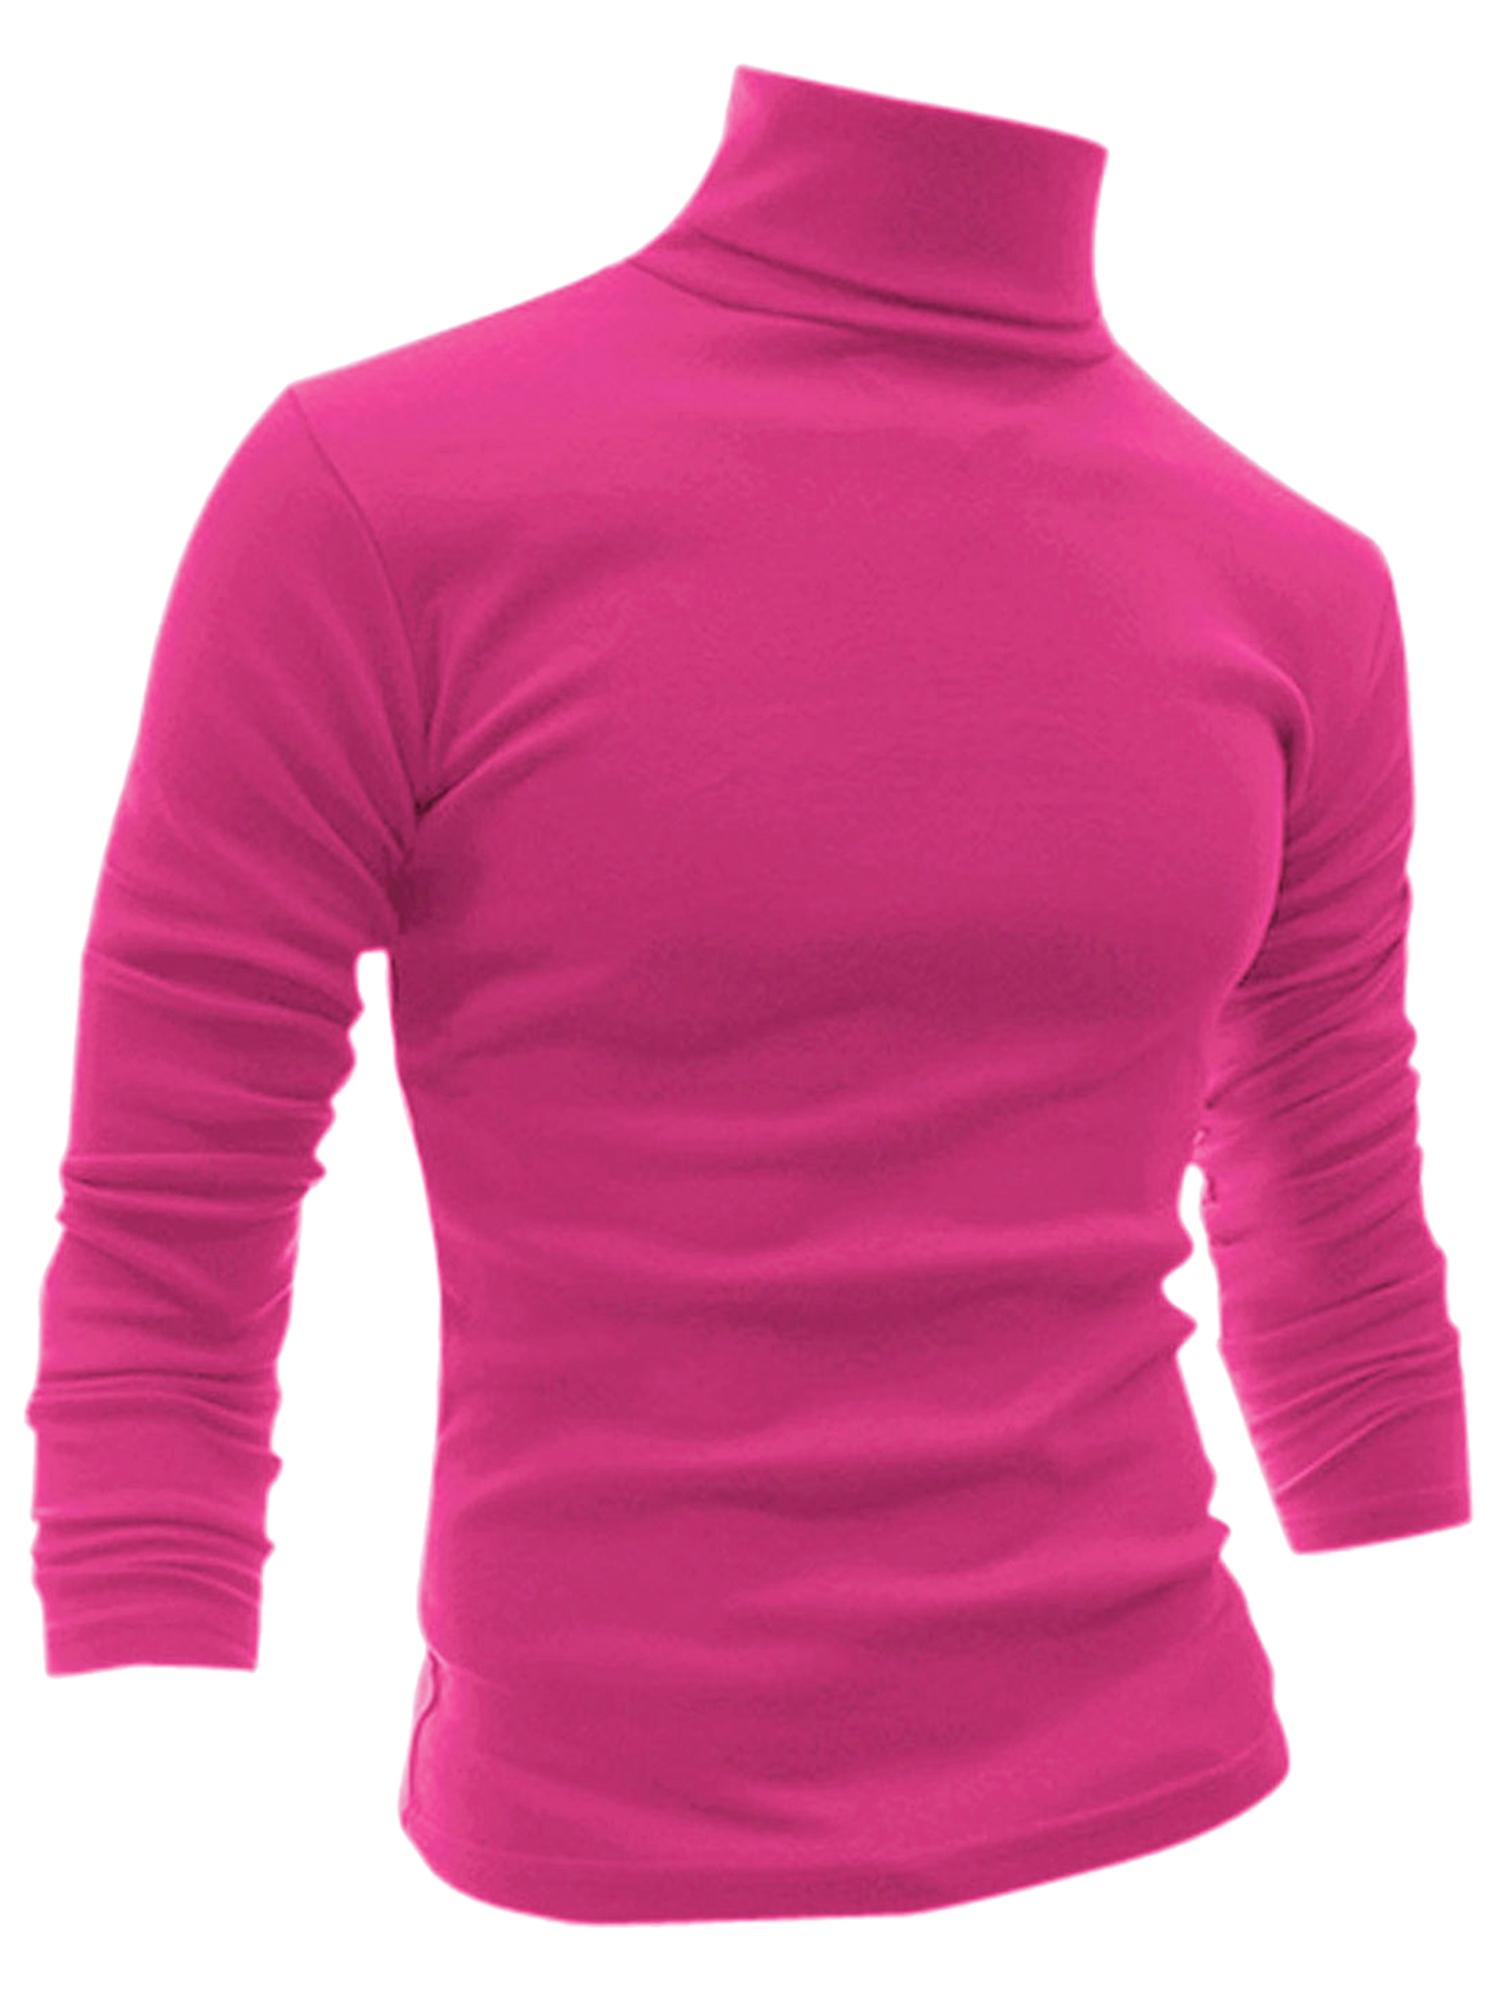 Men Slim Fit Pullover Tops Turtleneck T-shirt Rose Red M M (US 40)